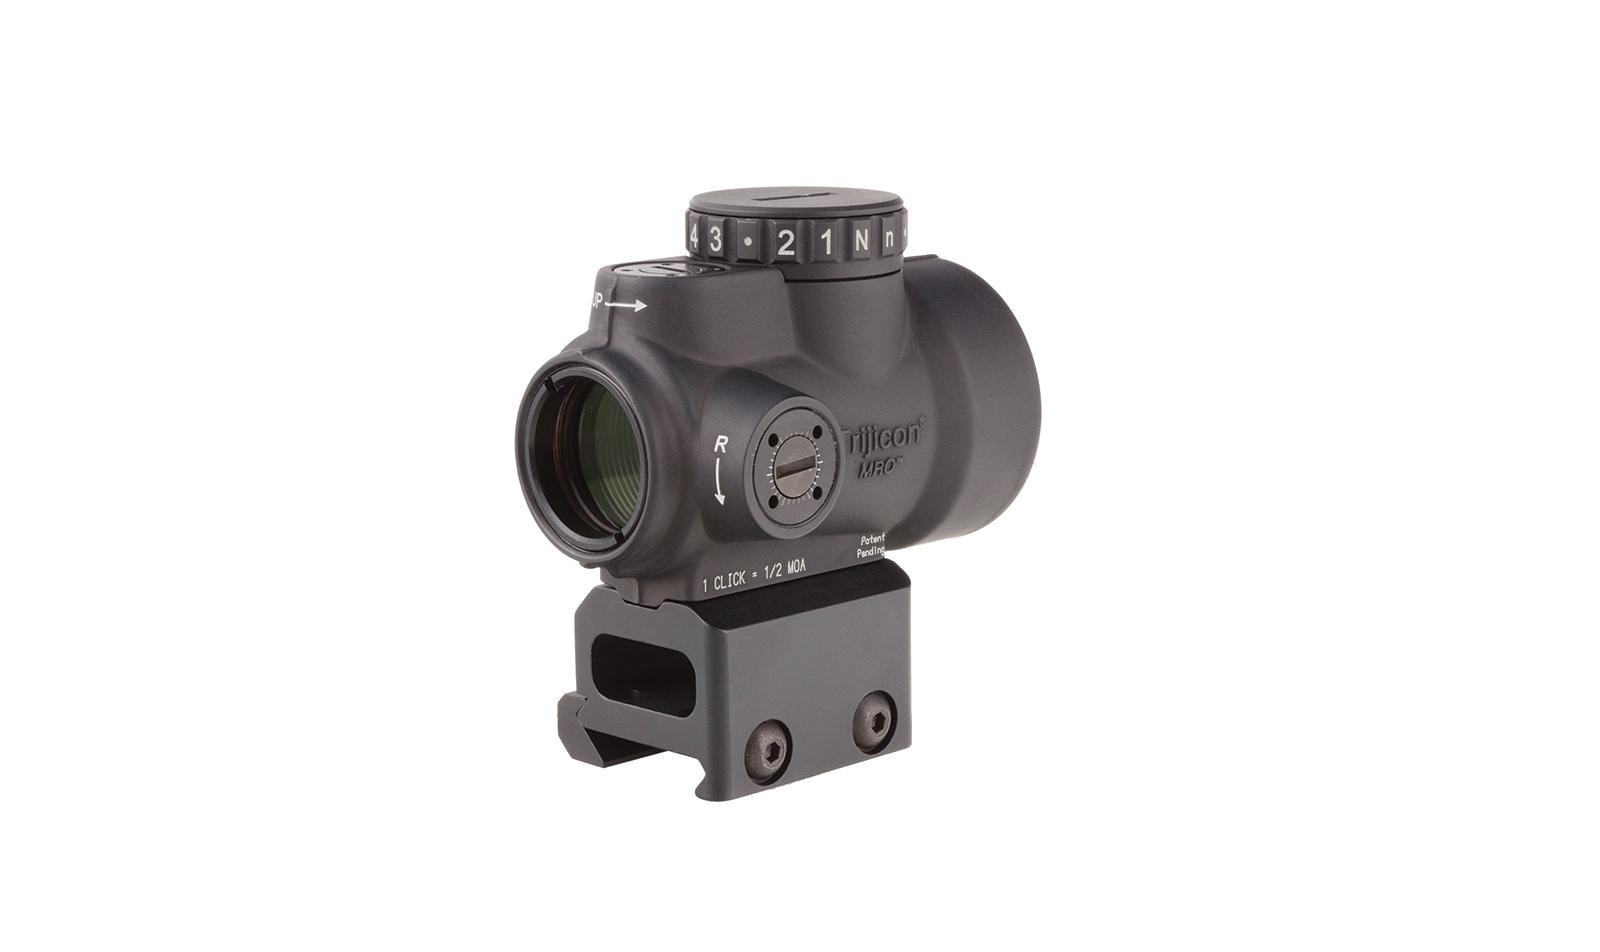 MRO-C-2200030 angle 5